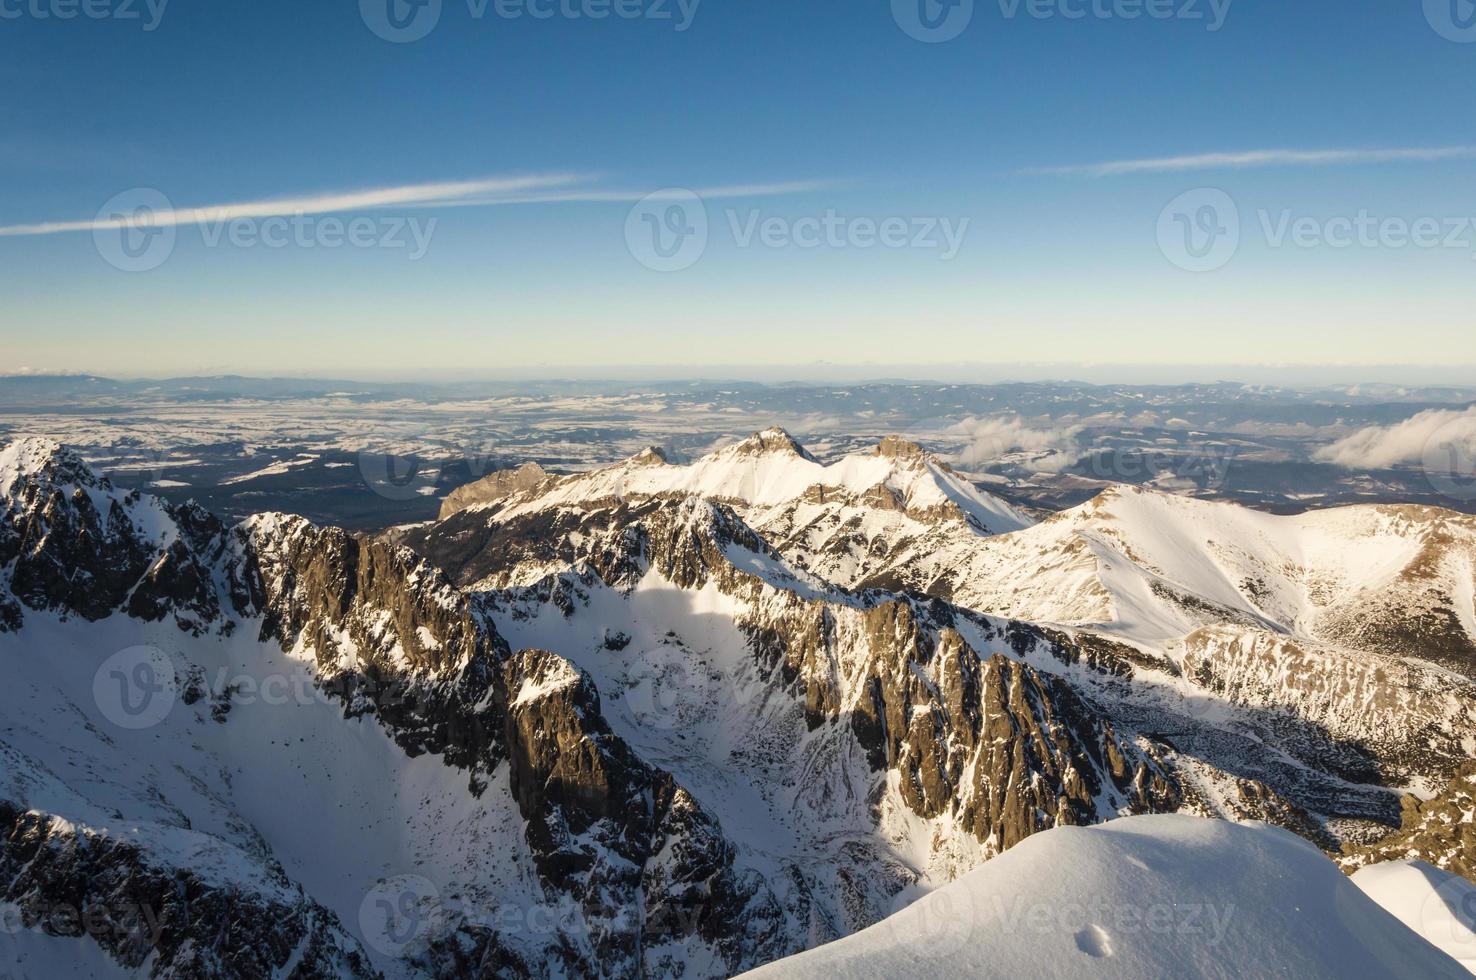 paesaggio montano invernale foto